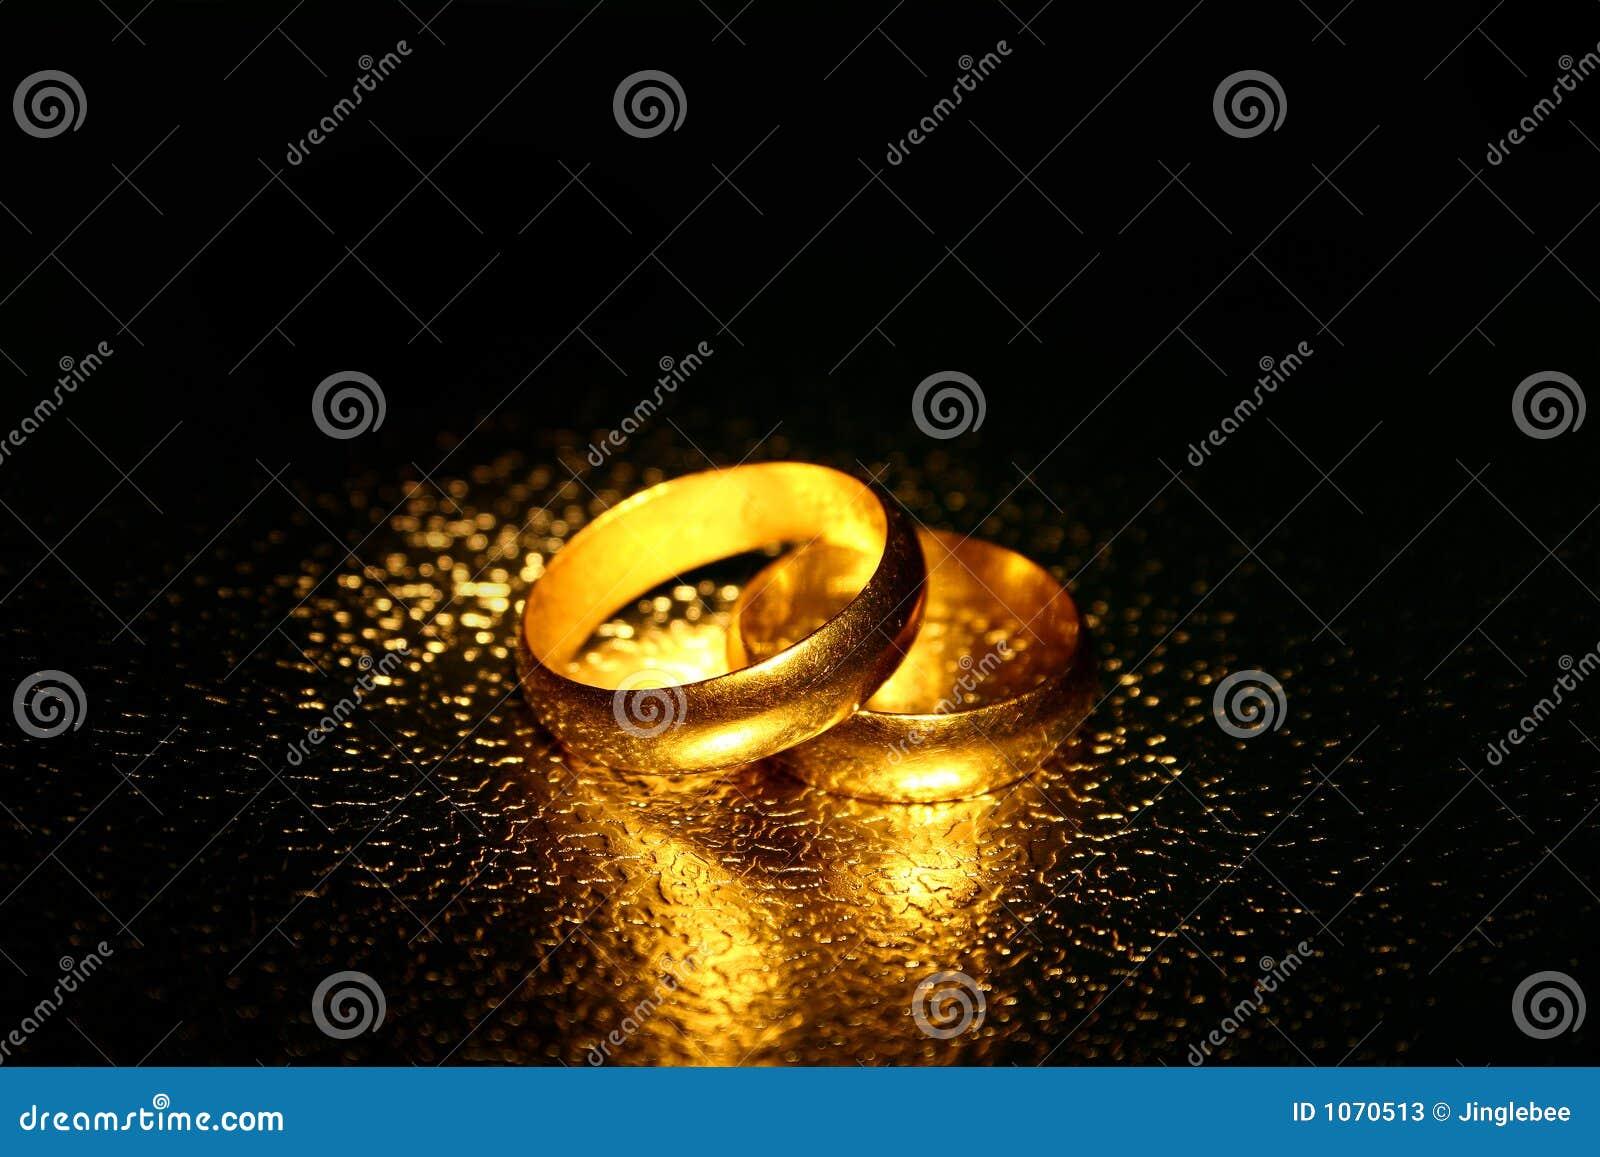 old wedding rings water effect - Old Wedding Rings